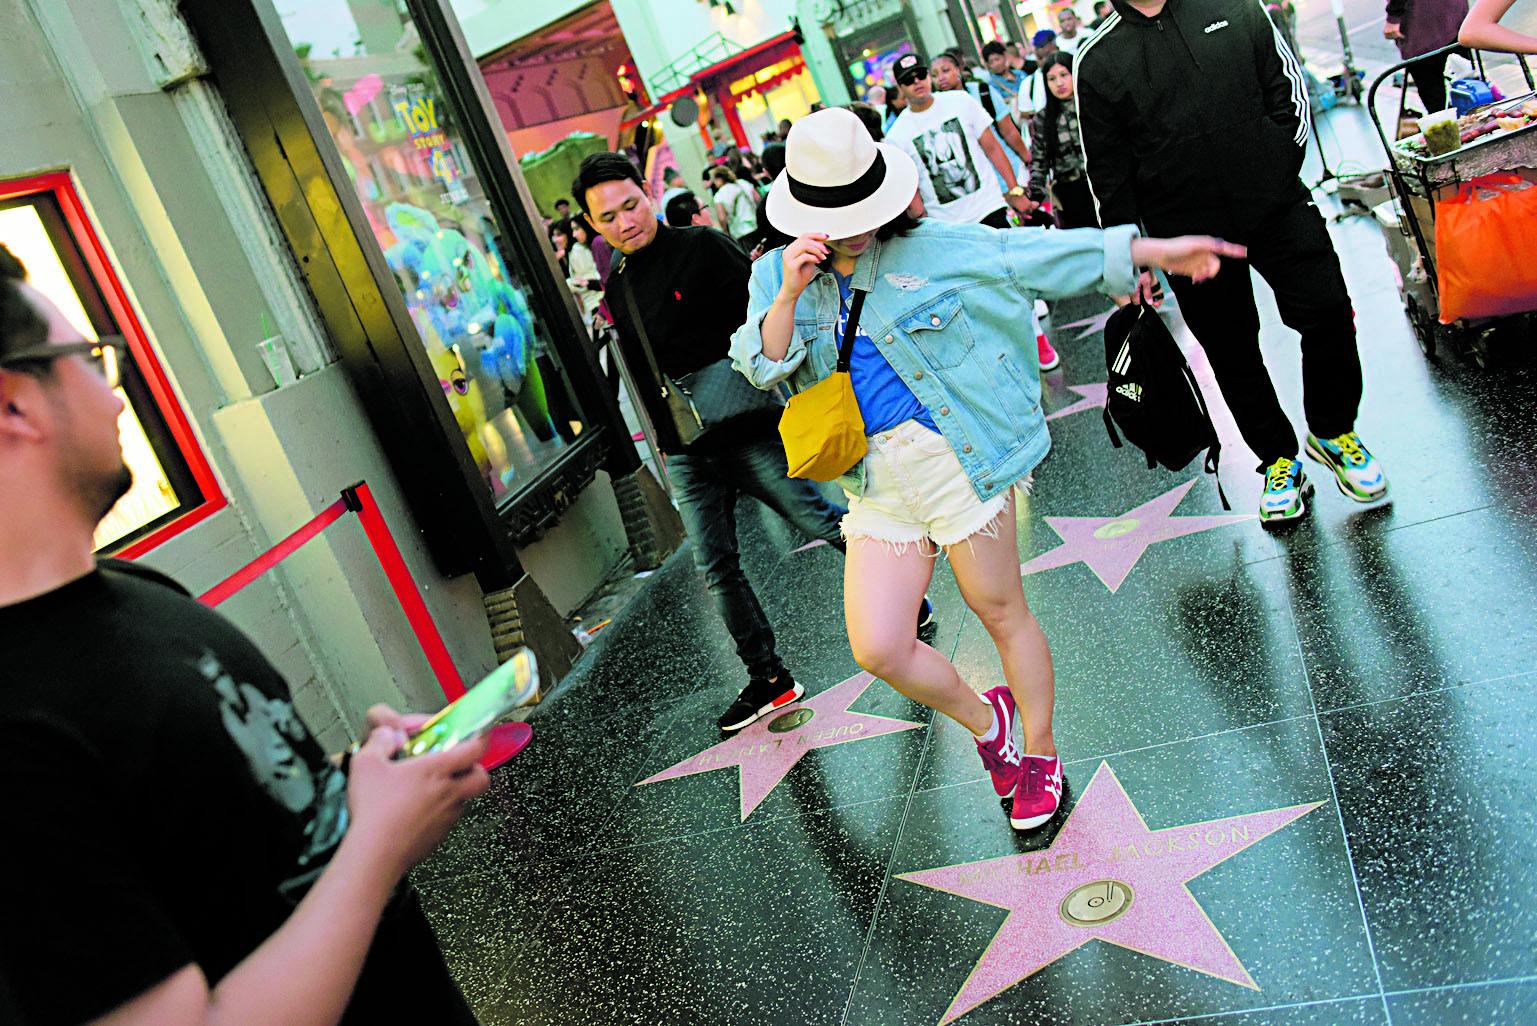 Una fanática baila sobre la estrella de Jackson.